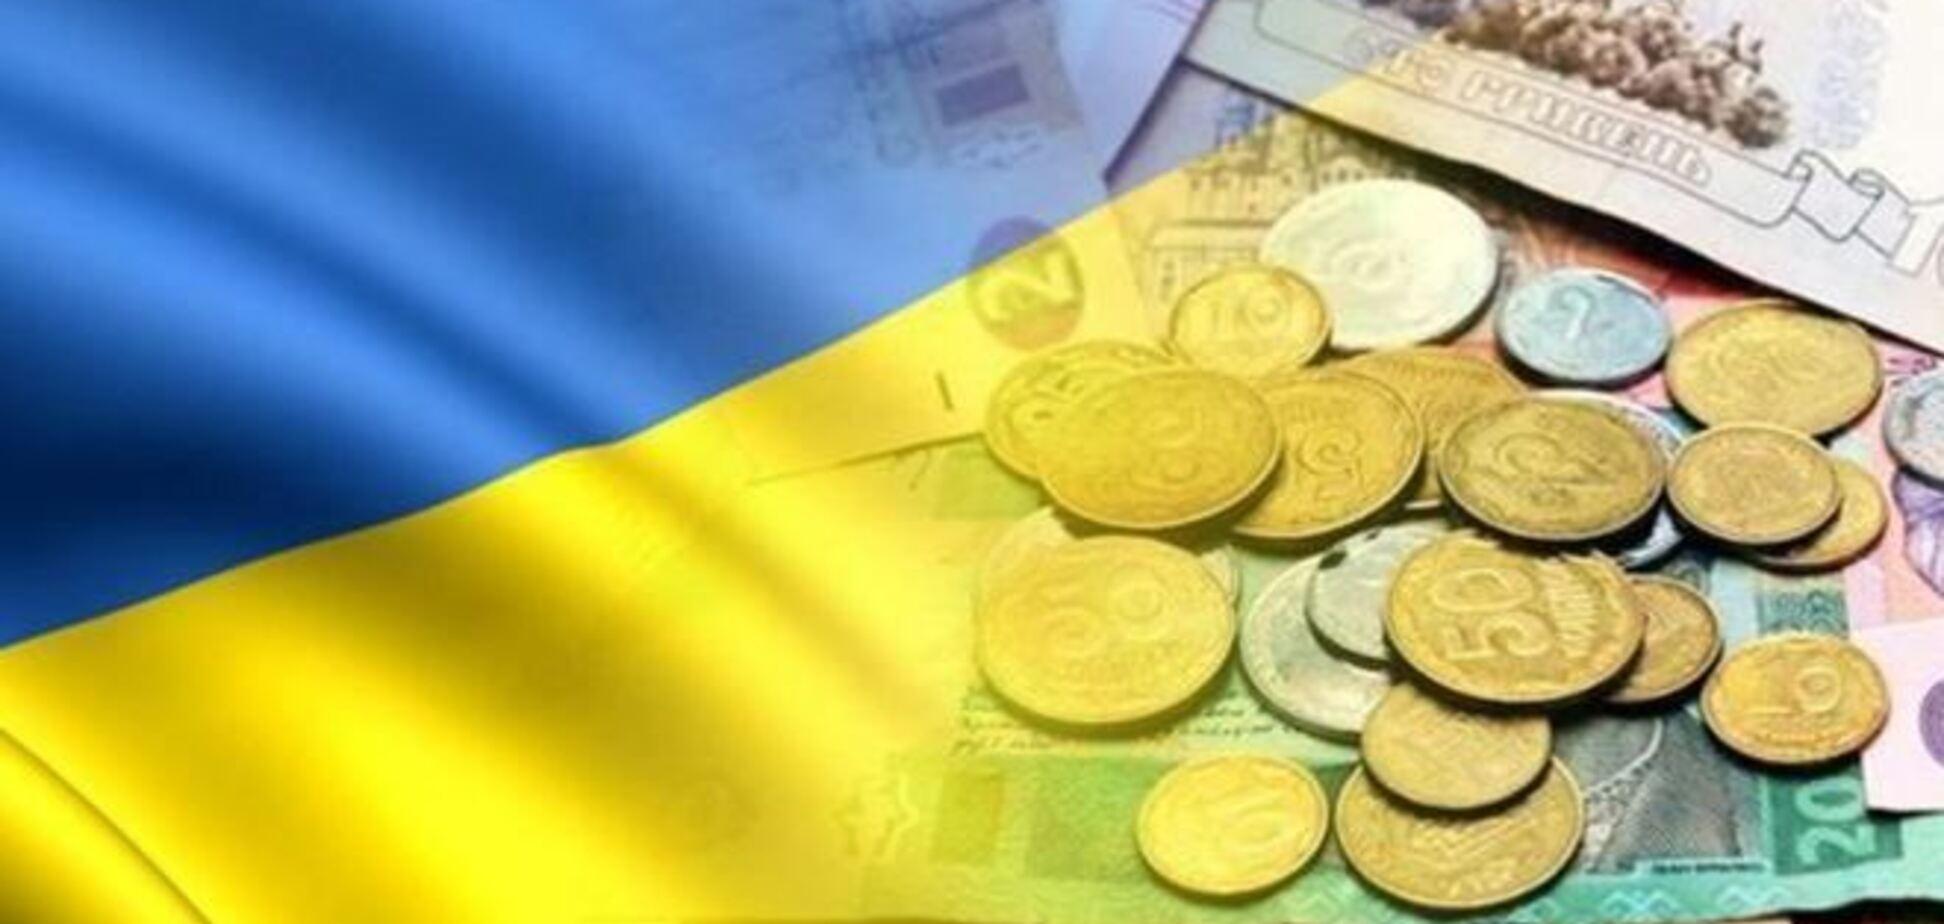 Бюджет-2015: перезагрузка от Кабмина Яценюка. Чего ждать украинцам